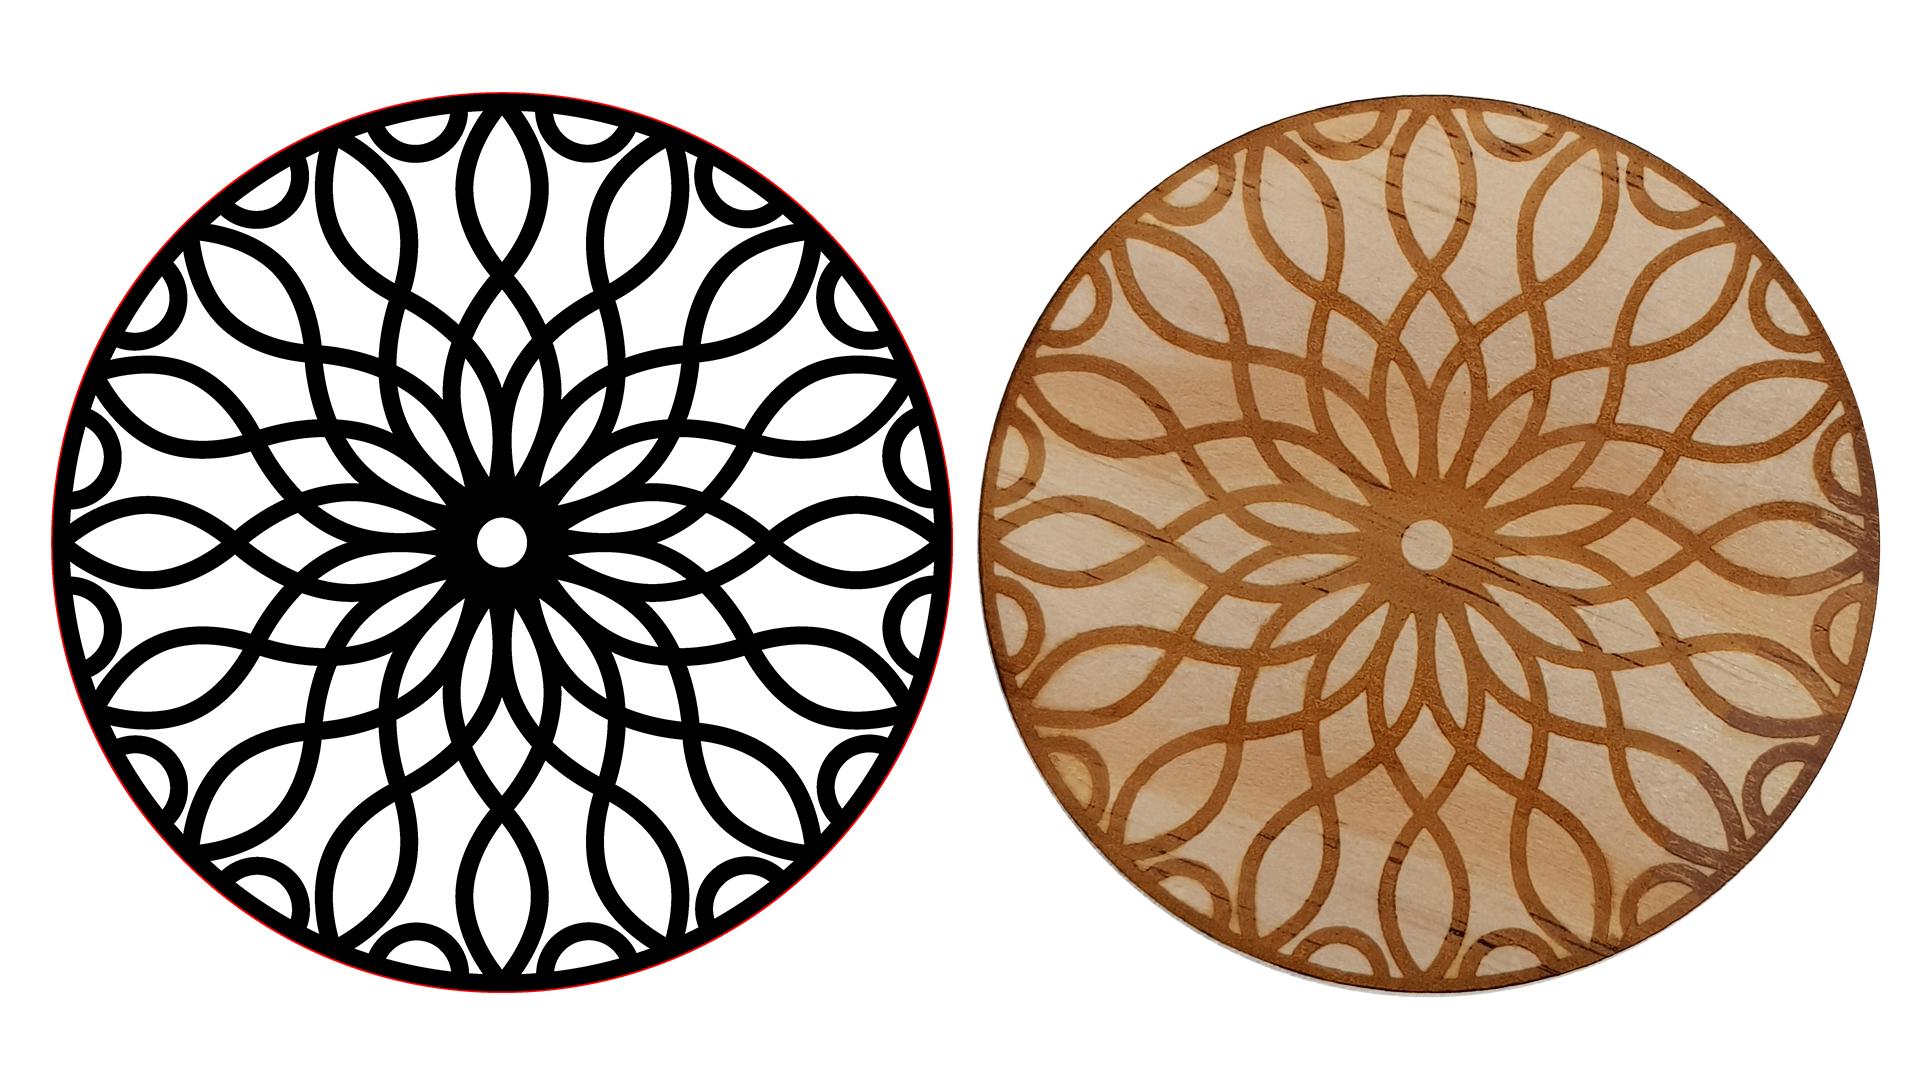 Raster Engraving